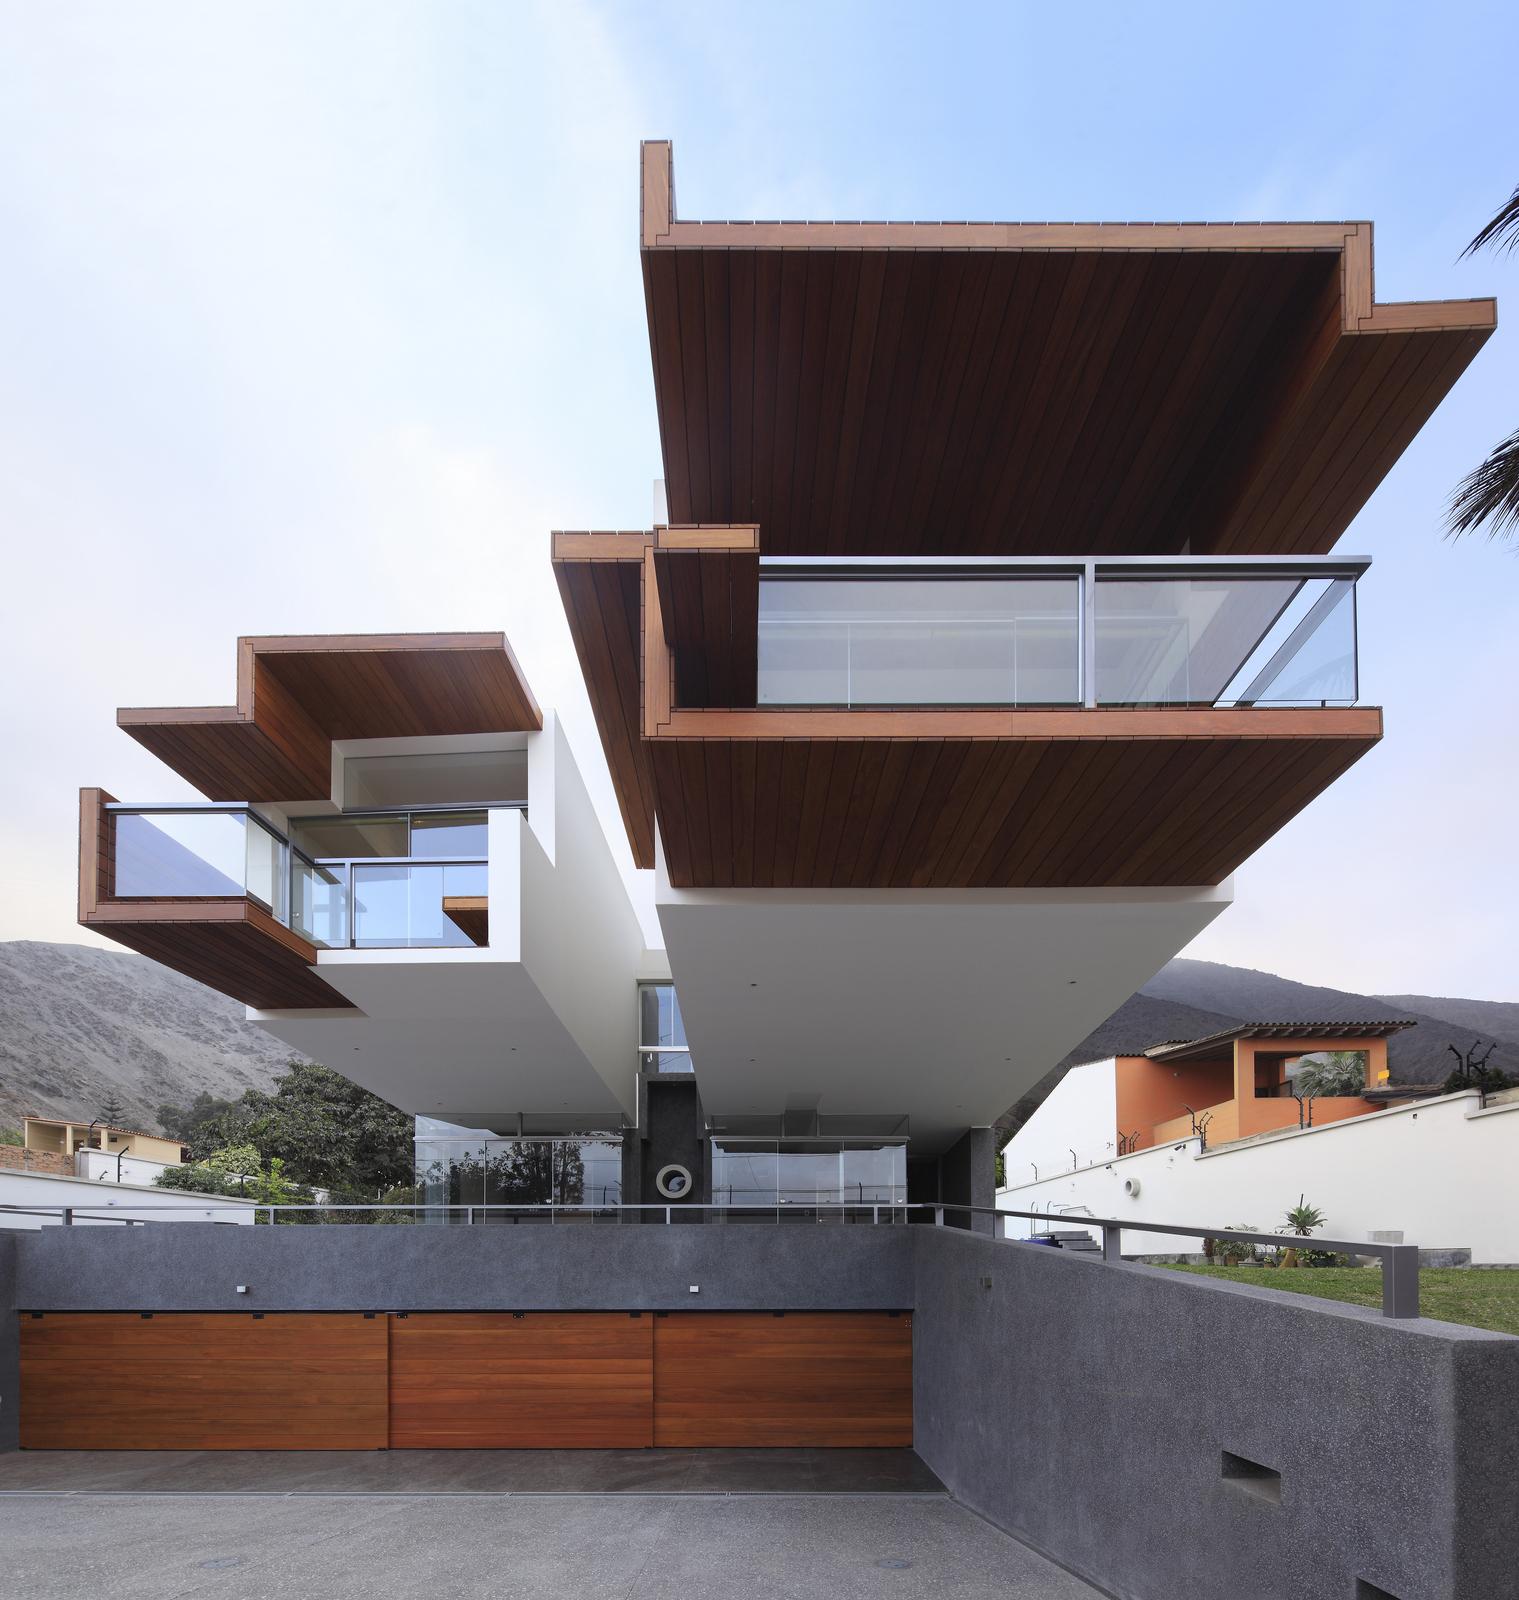 Home / Books / Architecture / Locations. U003c U003e